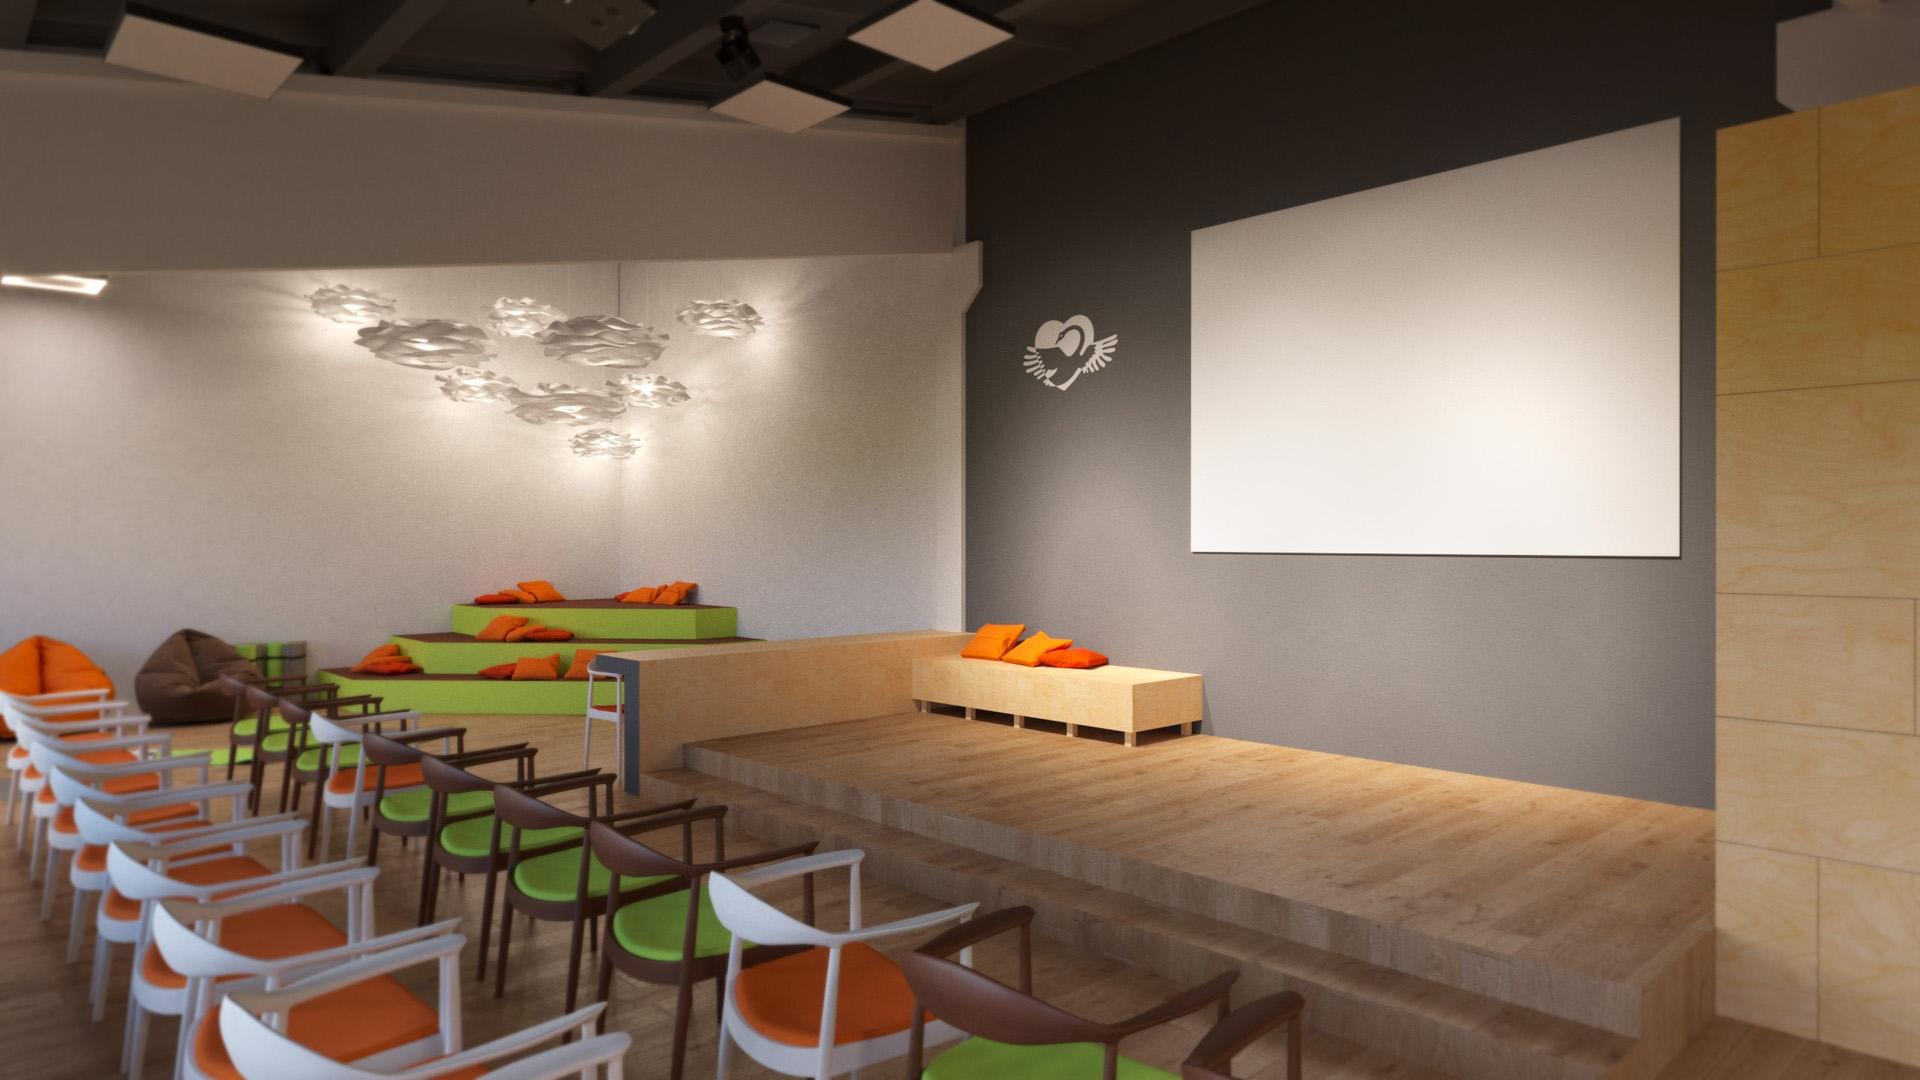 Изображение для проекта Учебный зал центра гуманной педагогики в Грузии 2033